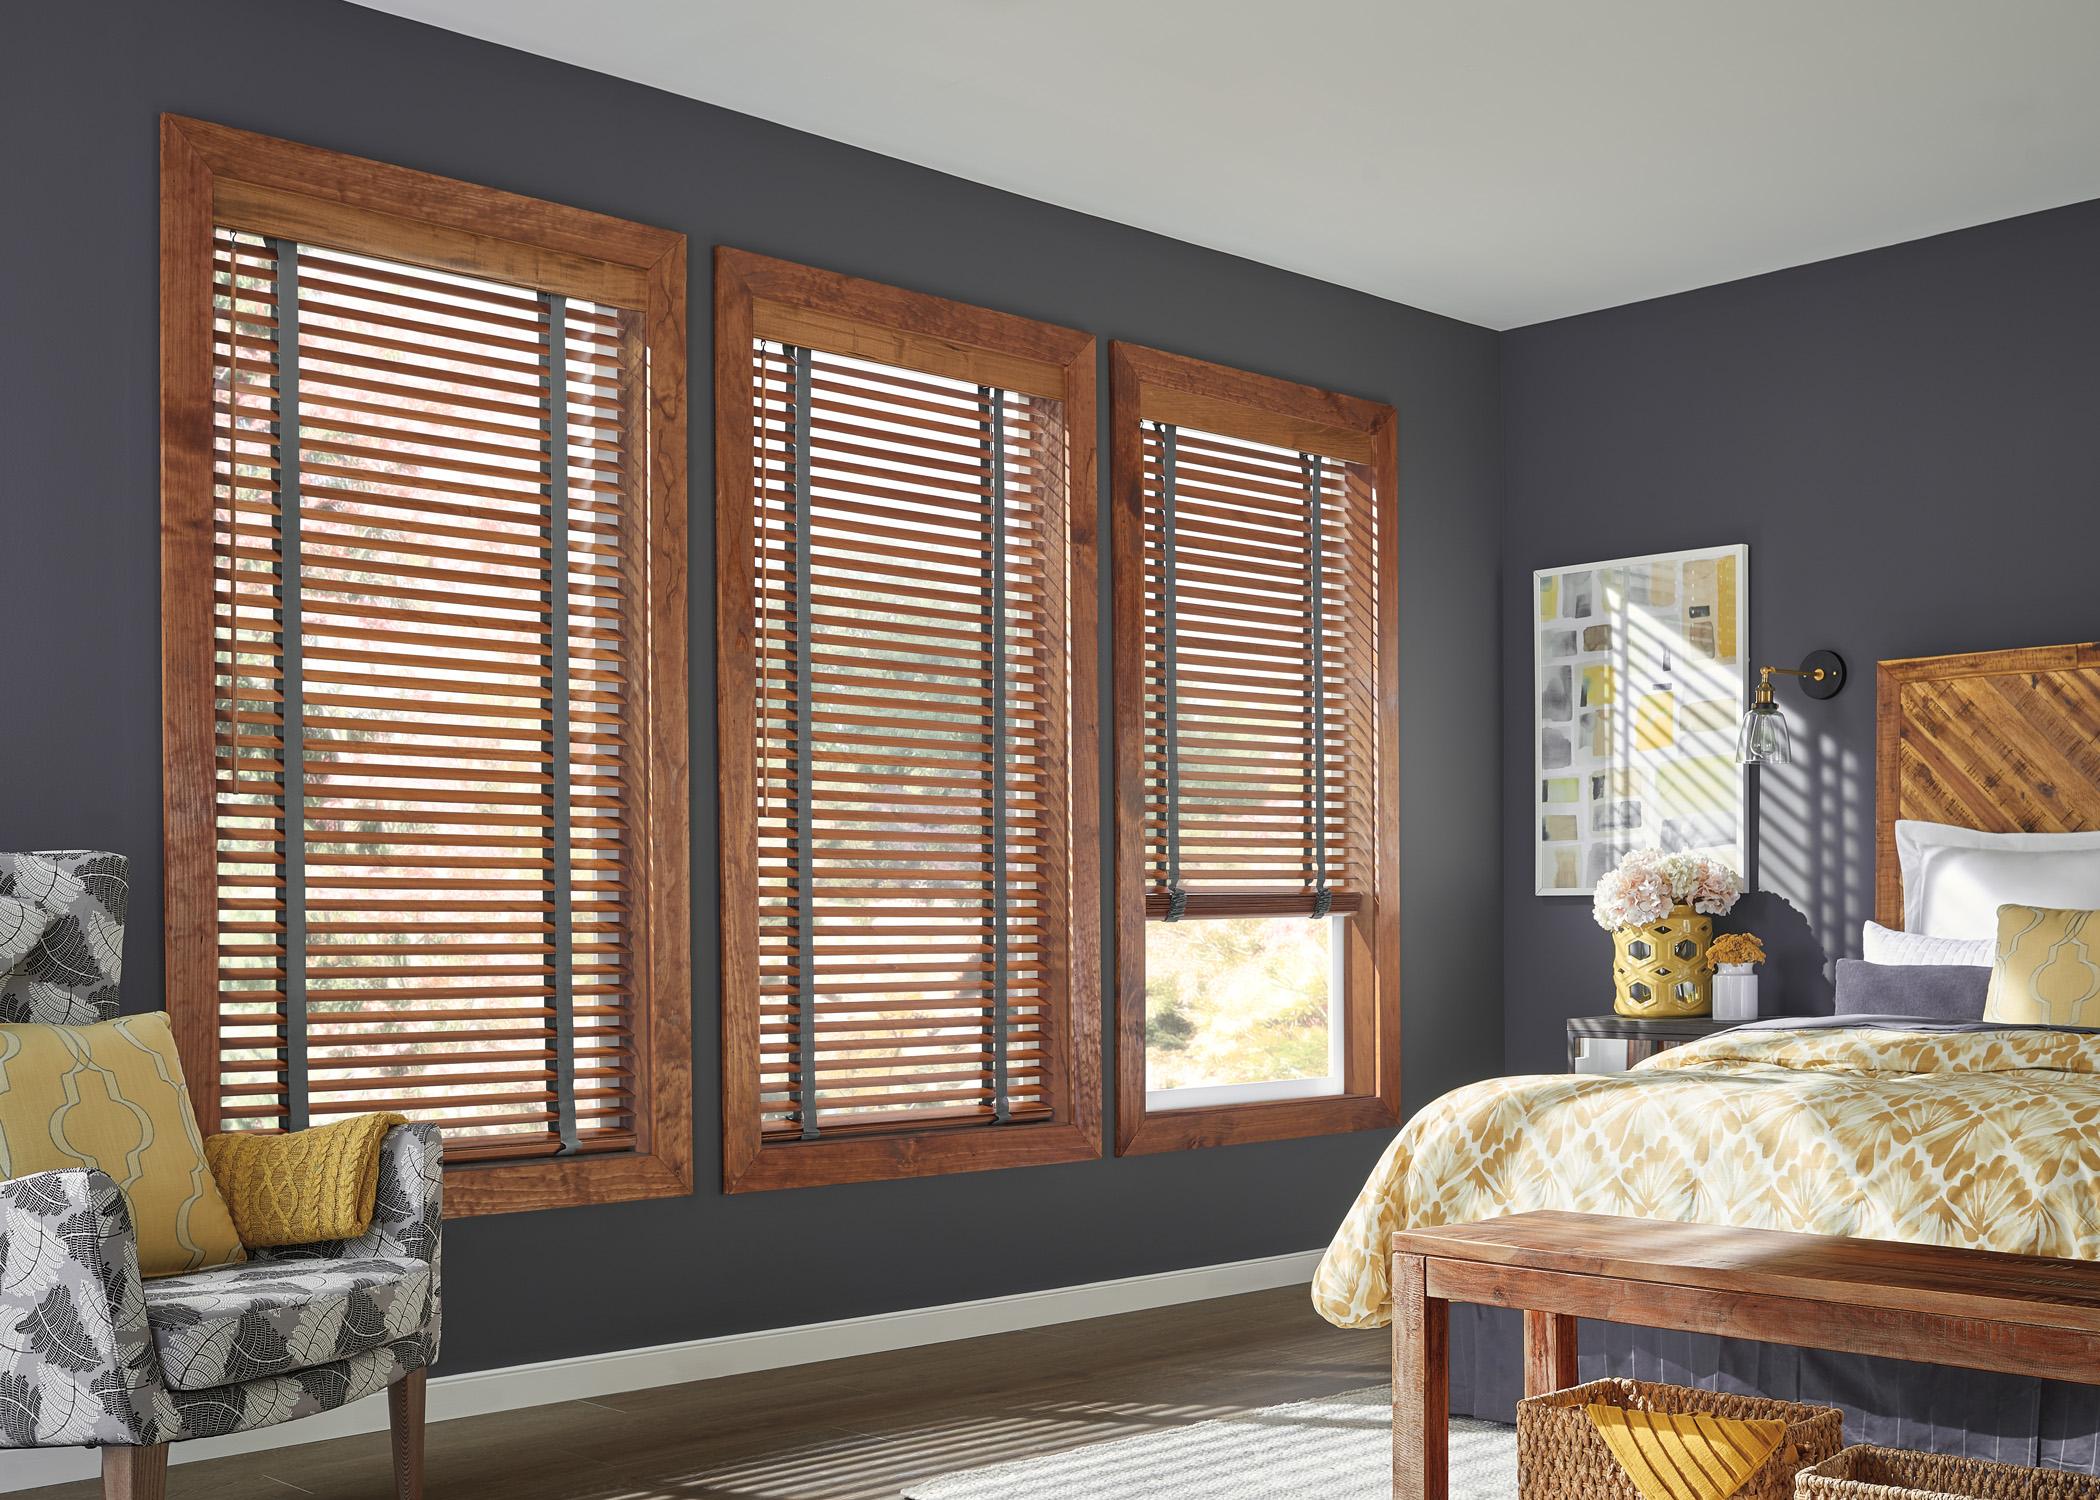 Graber_Wood Blinds_Bedroom1.jpg